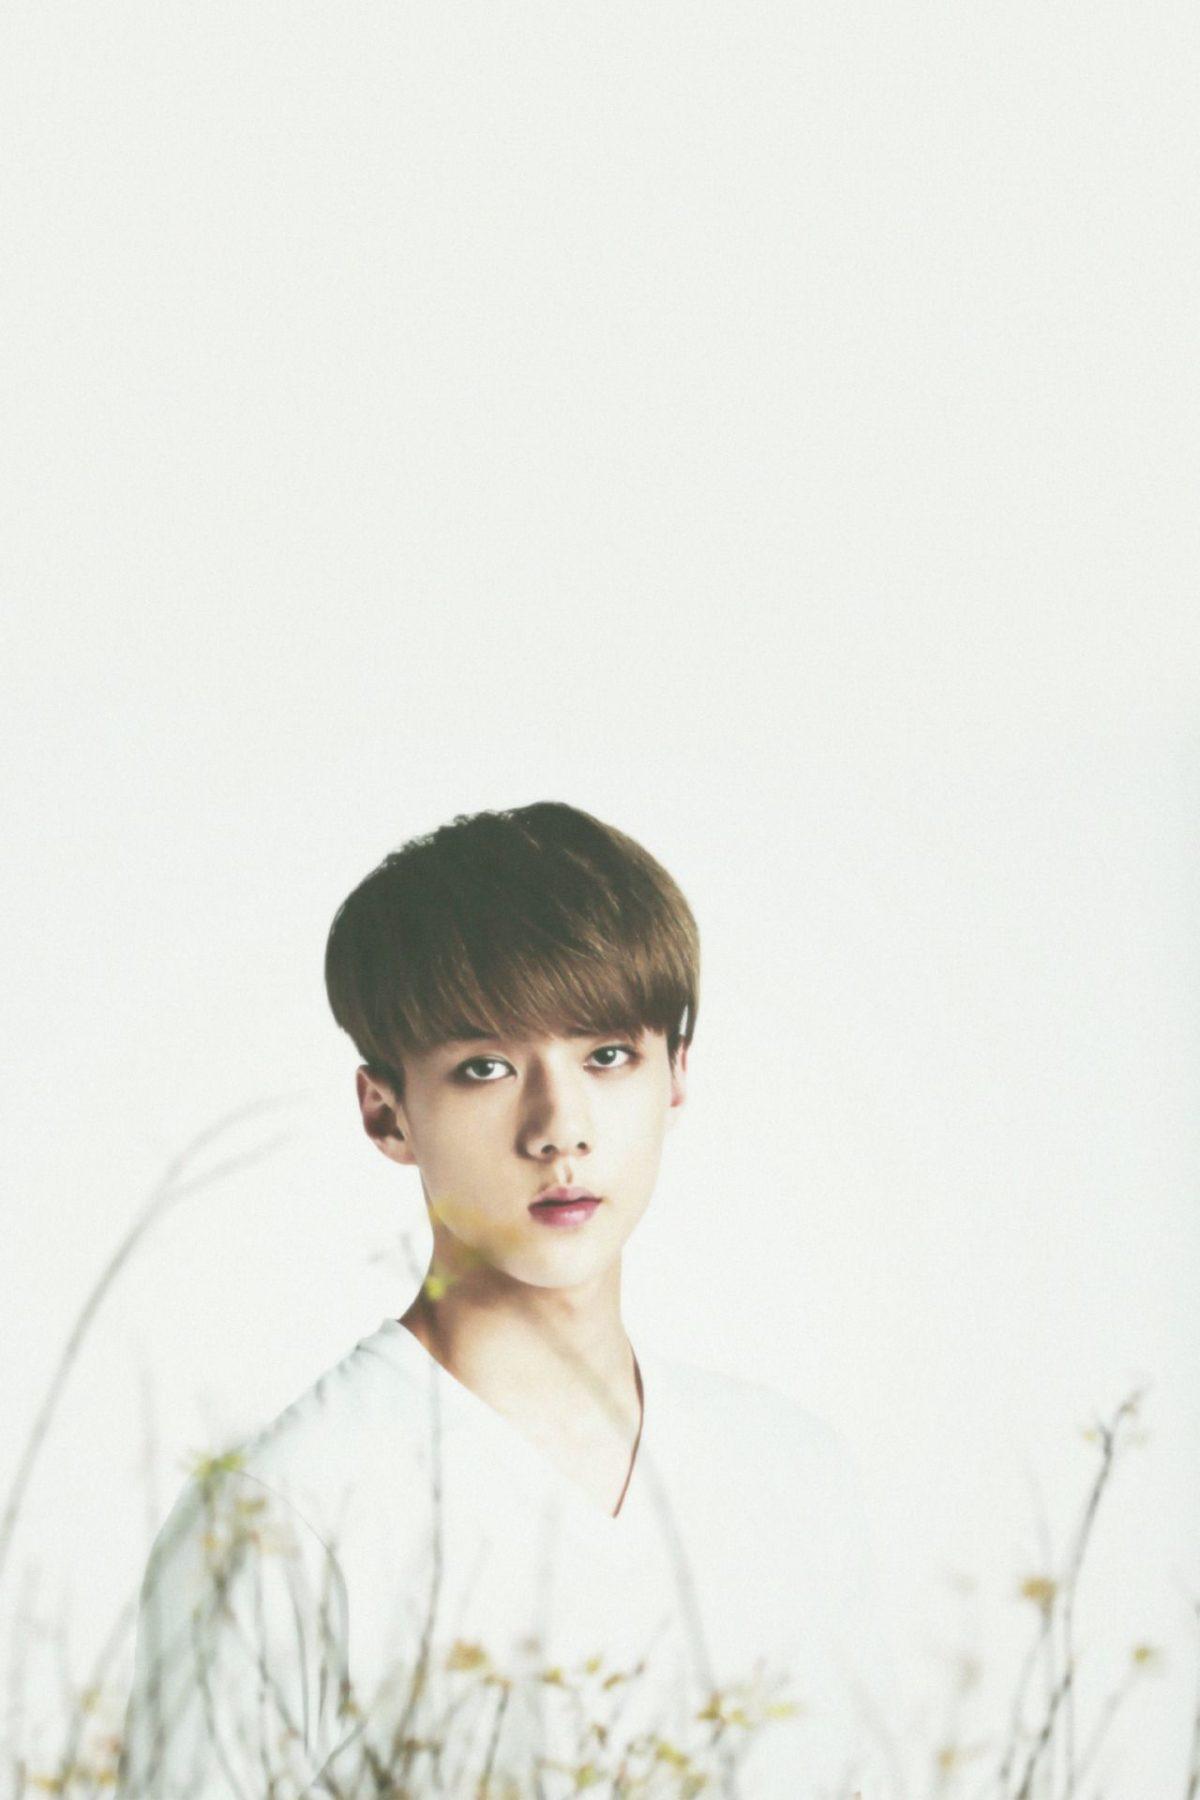 I'm already addicted to EXO